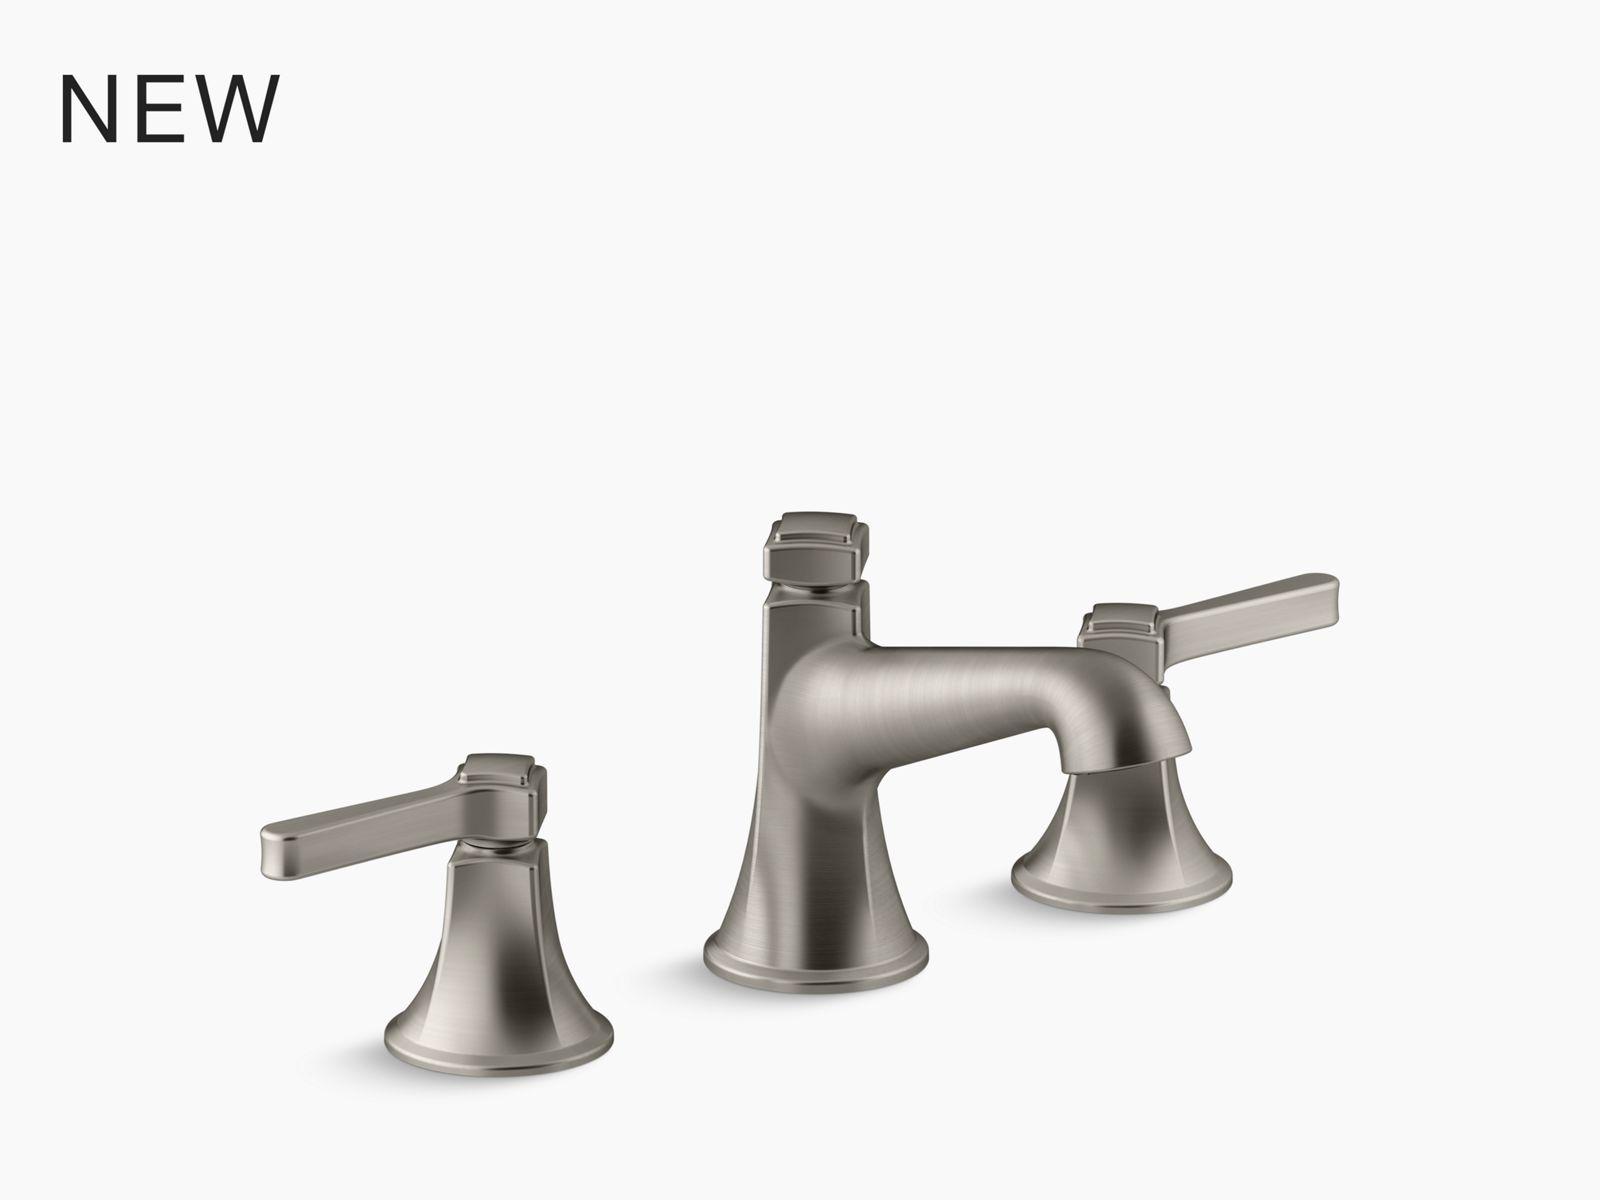 ladena 20 7 8 x 14 3 8 x 8 1 8 undermount bathroom sink with glazed underside